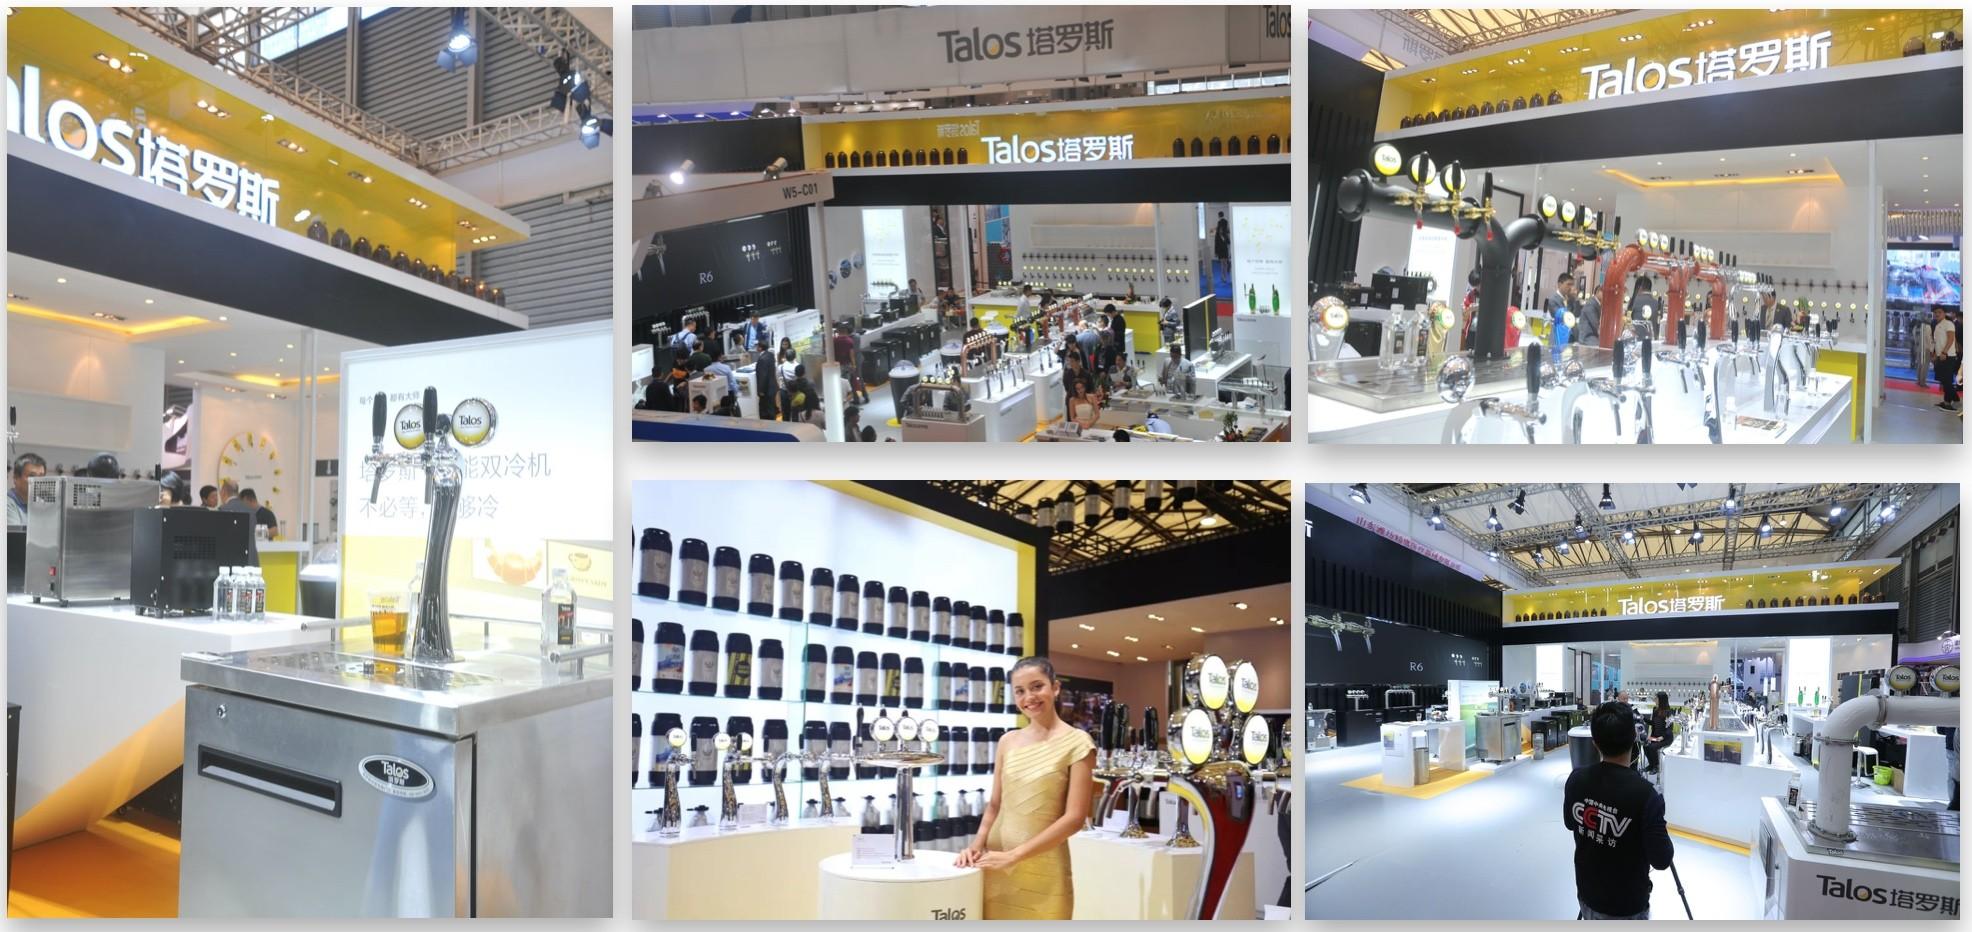 工业品品牌展览展厅设计-塔罗斯005b5b70cff5c4ceddccf10f2786611e